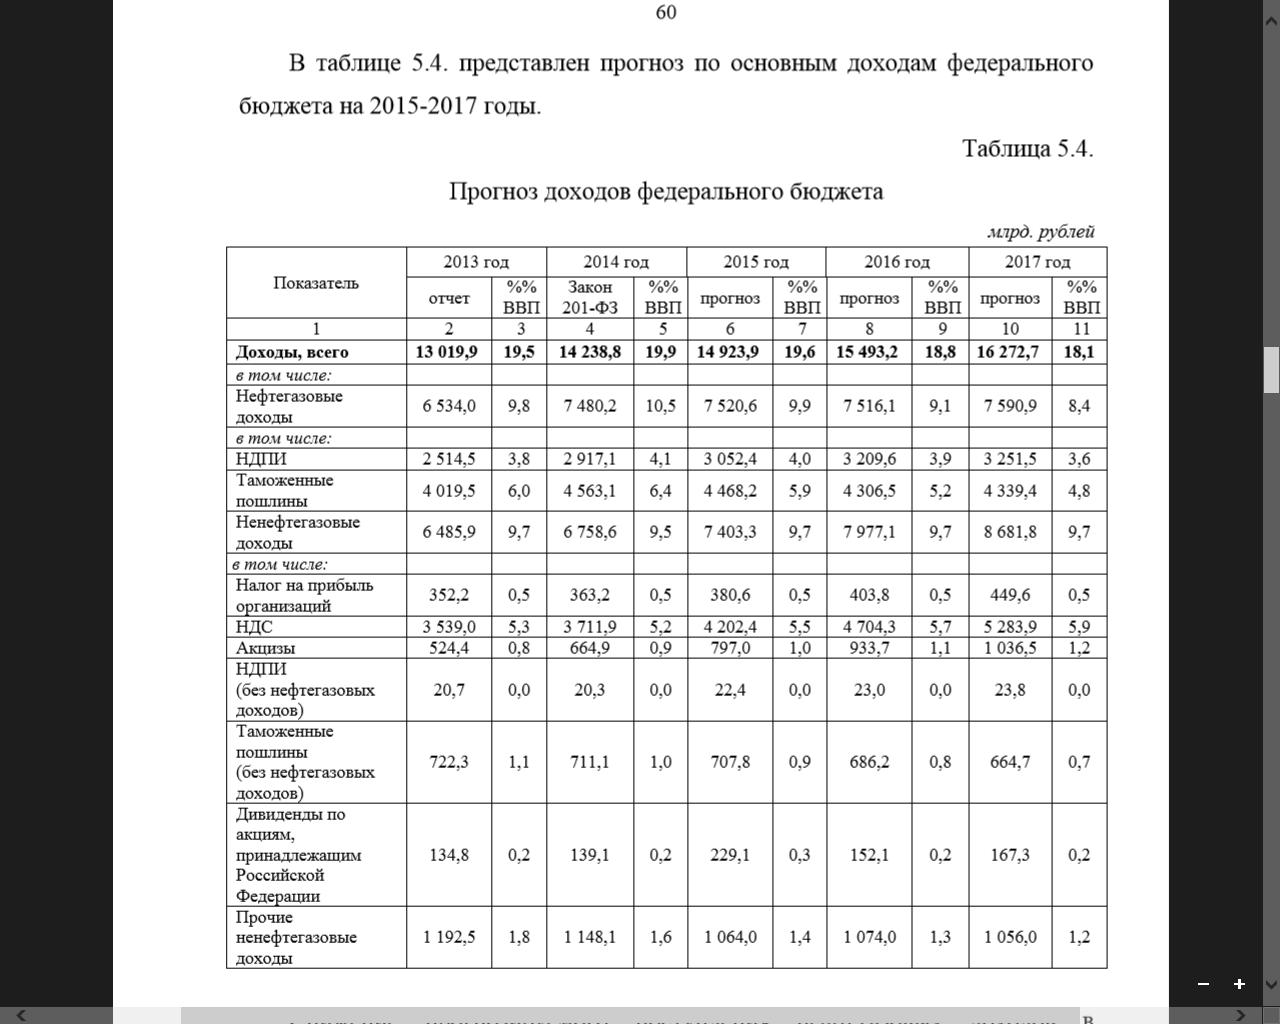 АНАЛИЗ СТРУКТУРЫ БЮДЖЕТА РОССИЙСКОЙ ФЕДЕРАЦИИ ЗА ПЕРИОД  Таблица 2 Доходы федерального бюджета